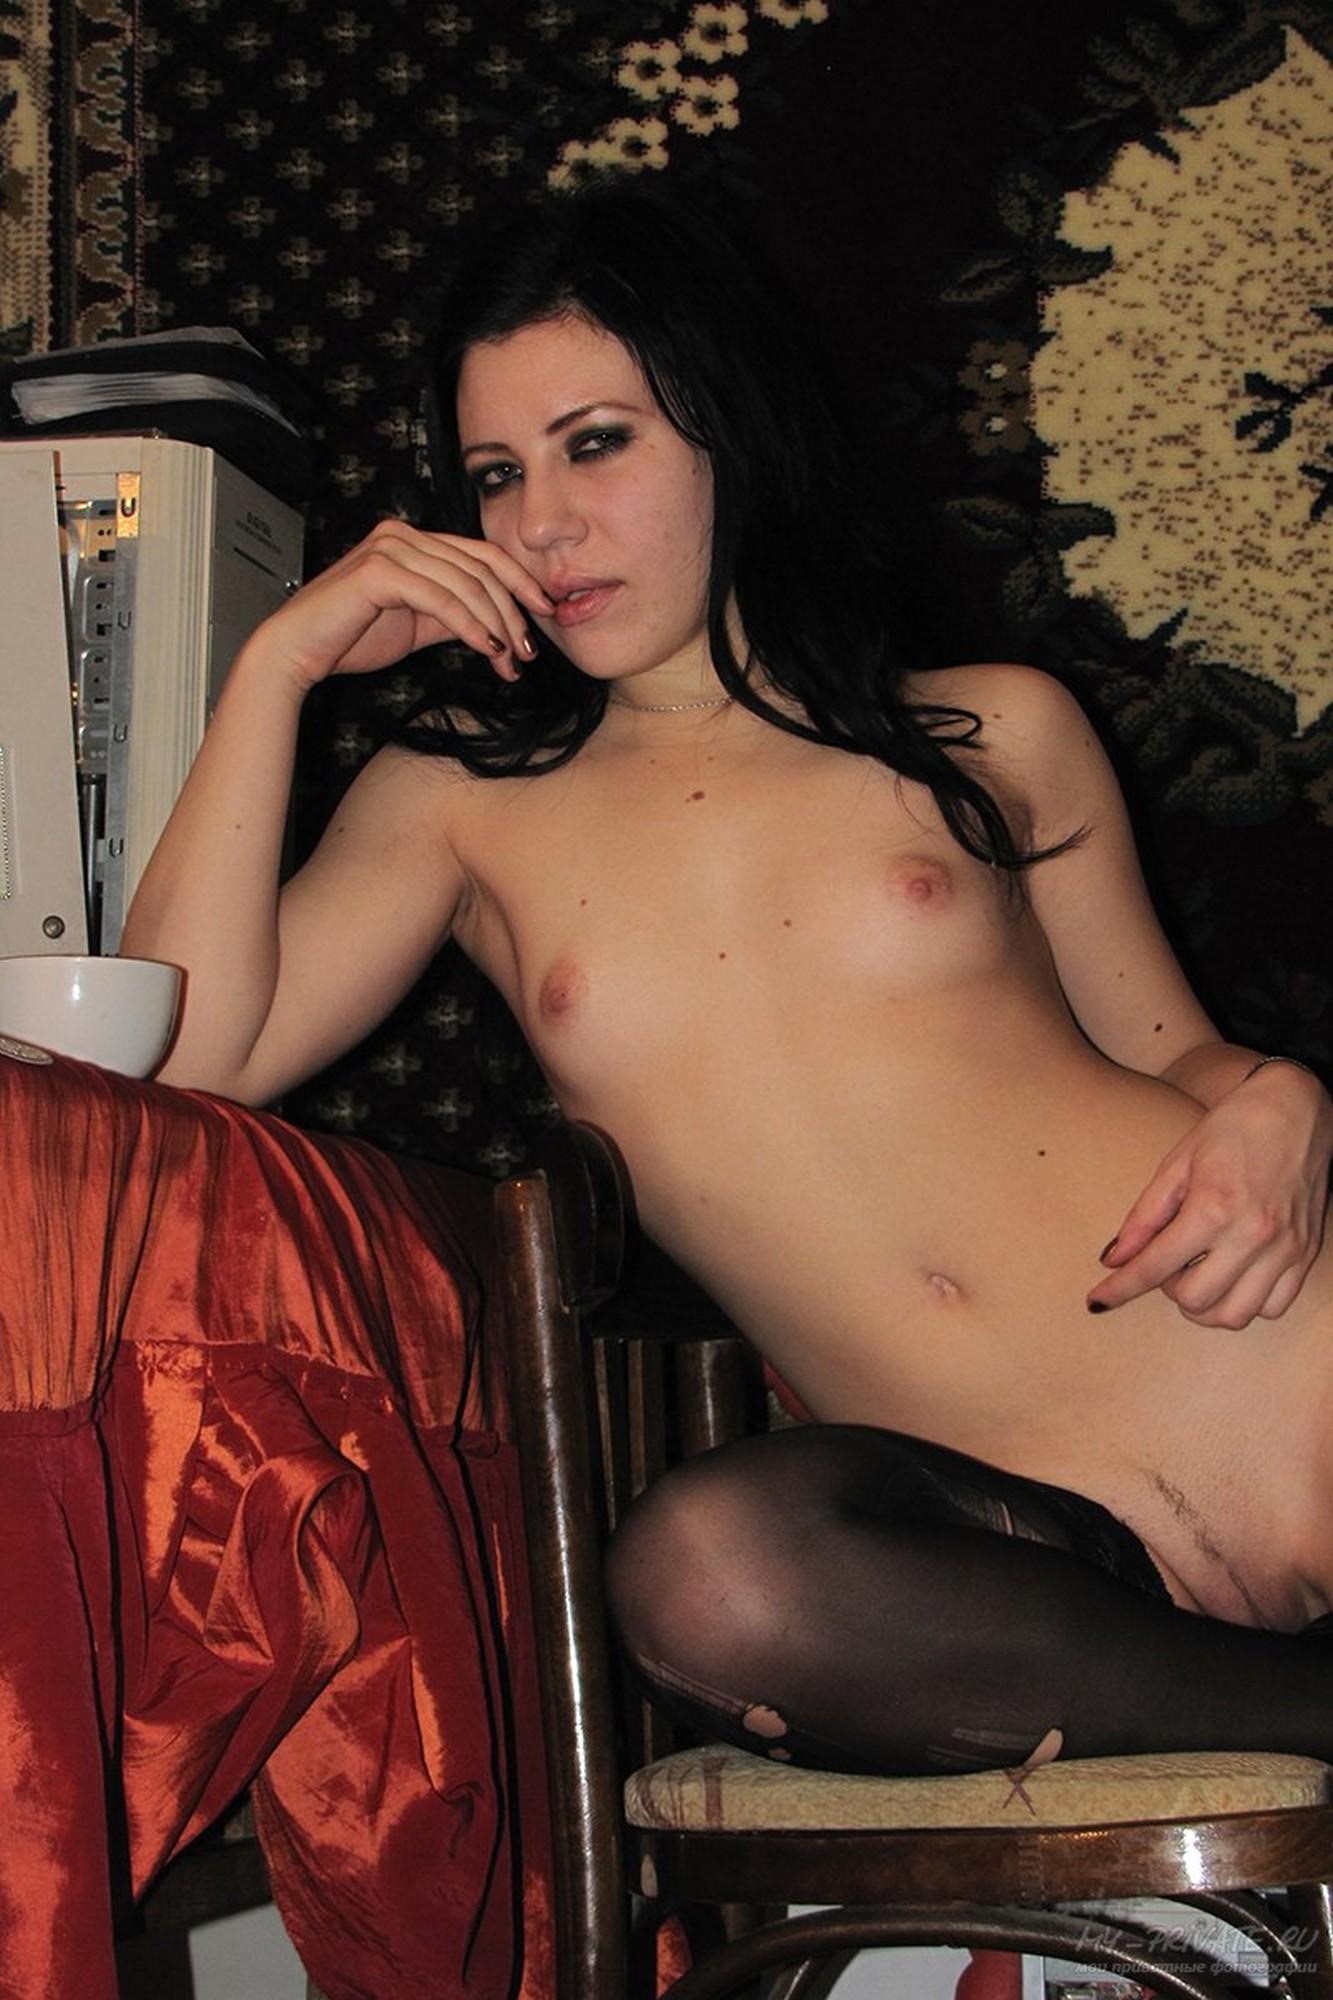 Темненькая девушка дрочит у себя дома в одних носках